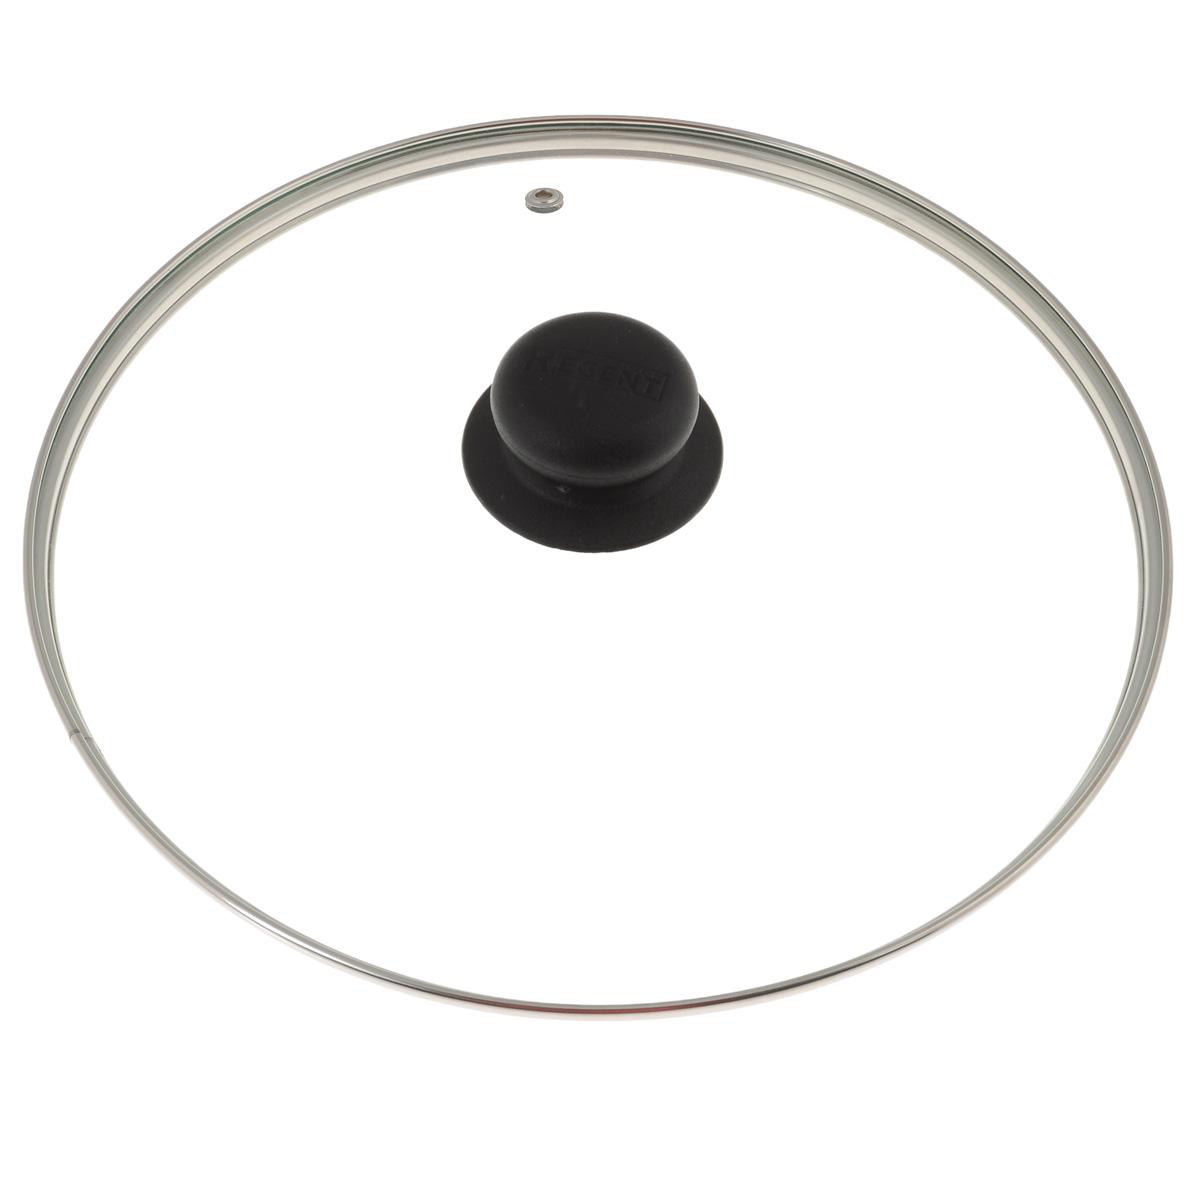 Крышка Regent Inox, стеклянная. Диаметр 26 смPEN9363Крышка Regent Inox изготовлена из термостойкого стекла. Обод, выполненный из высококачественной нержавеющей стали, защищает крышку от повреждений, а ручка, выполненная из термостойкого пластика, защищает ваши руки от высоких температур. Крышка удобна в использовании, позволяет контролировать процесс приготовления пищи. Имеется отверстие для выпуска пара. Характеристики:Материал: стекло, нержавеющая сталь, пластик. Диаметр: 26 см. Размер упаковки: 26 см х 26 см х 6 см. Производитель:Италия. Артикул: 26.